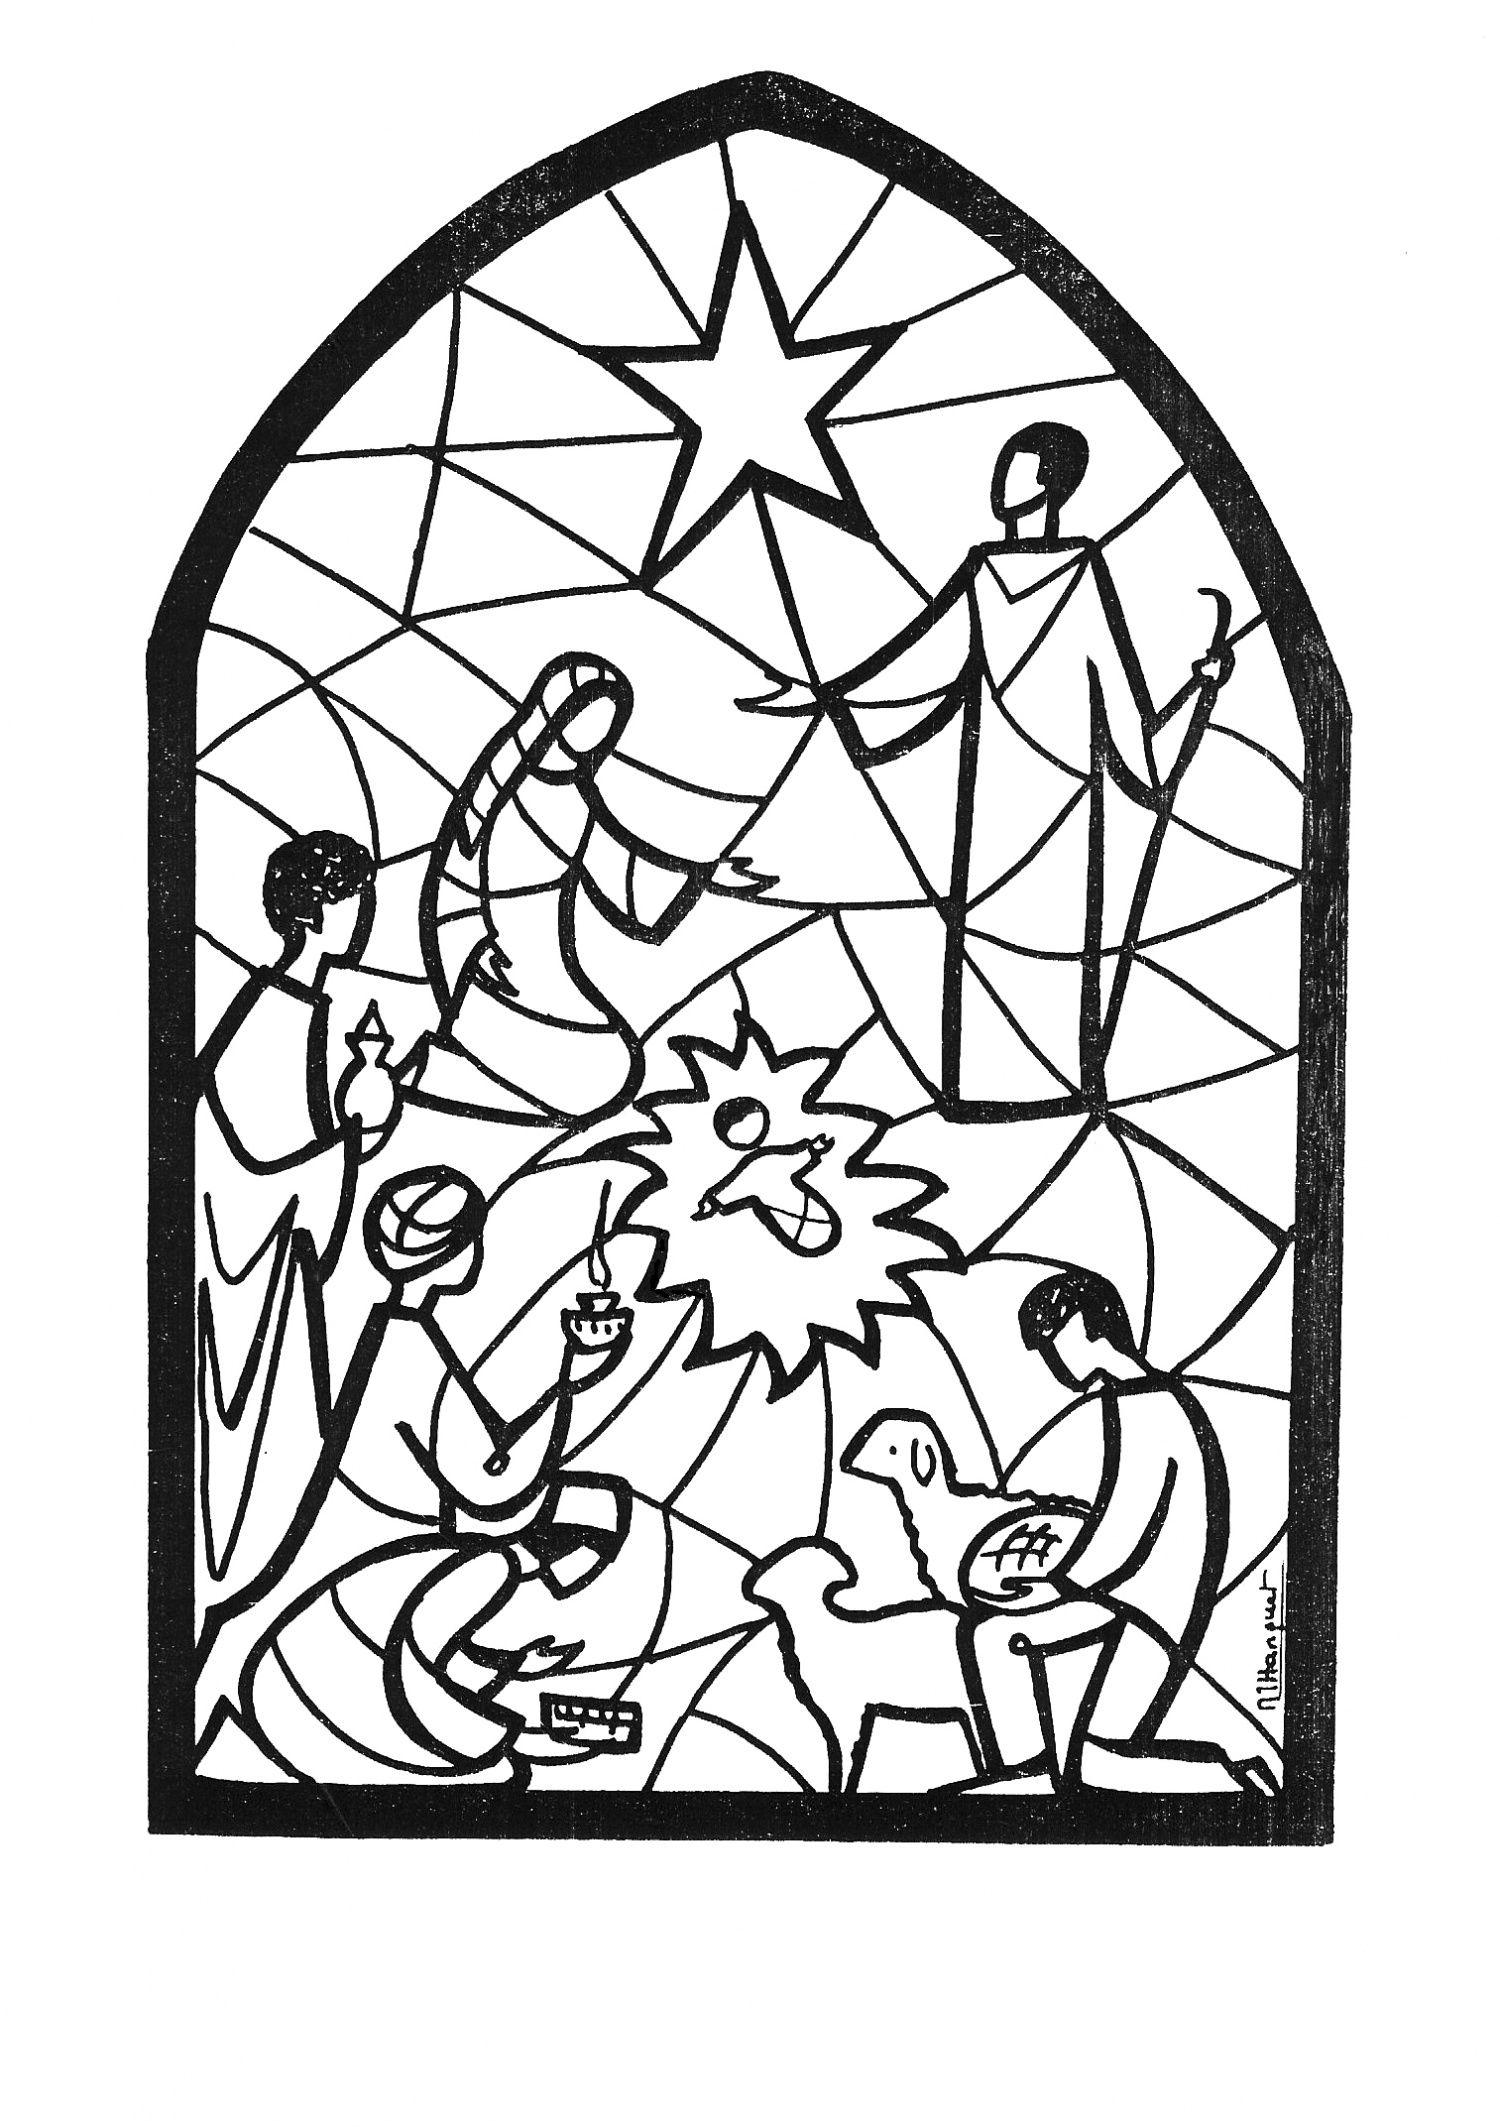 Schöne Vorlage zum Ausmalen oder für ein Adventsfenster